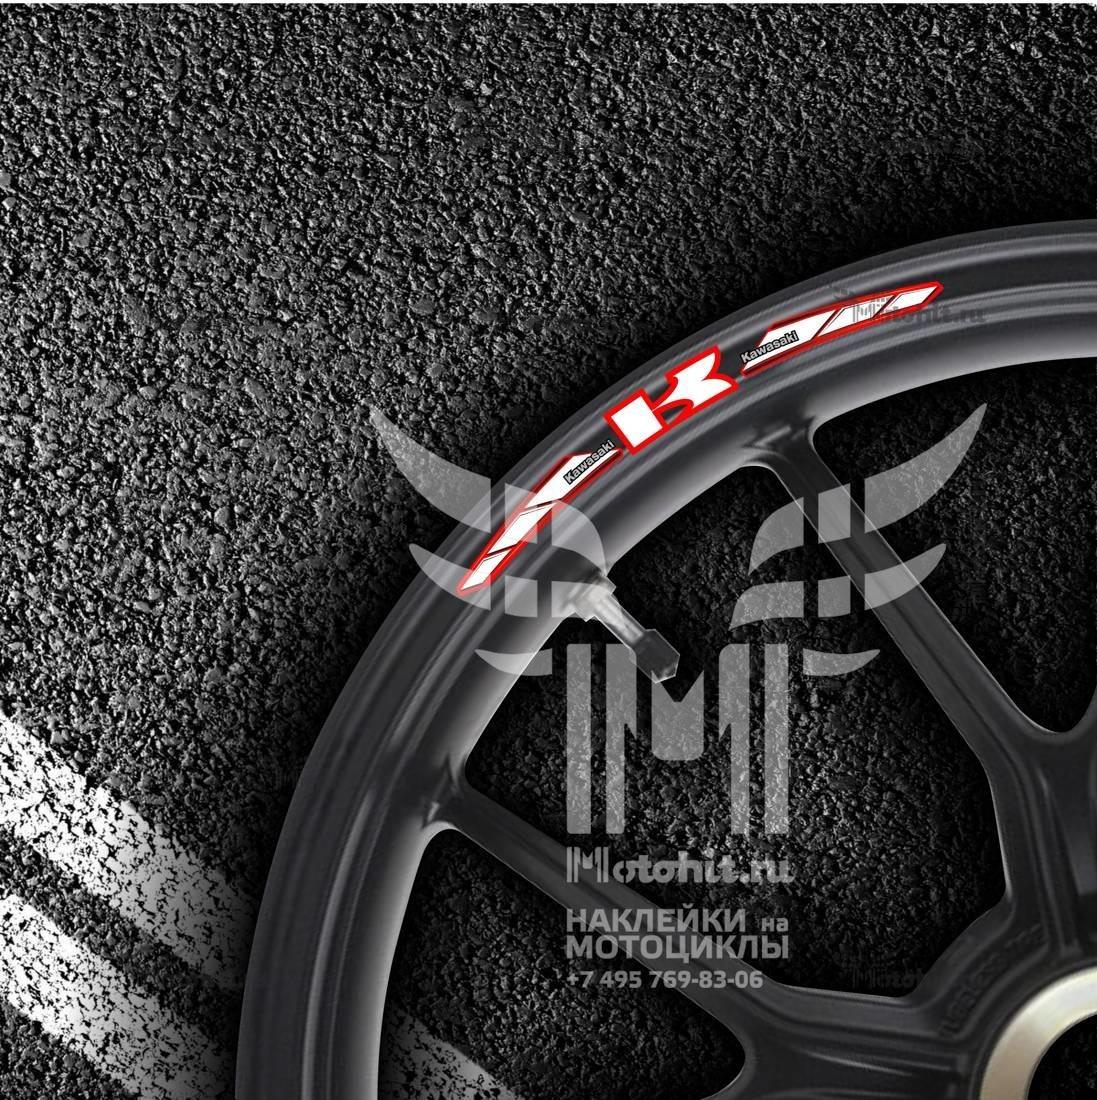 Комплект наклеек на обод колеса мотоцикла KAWASAKI K